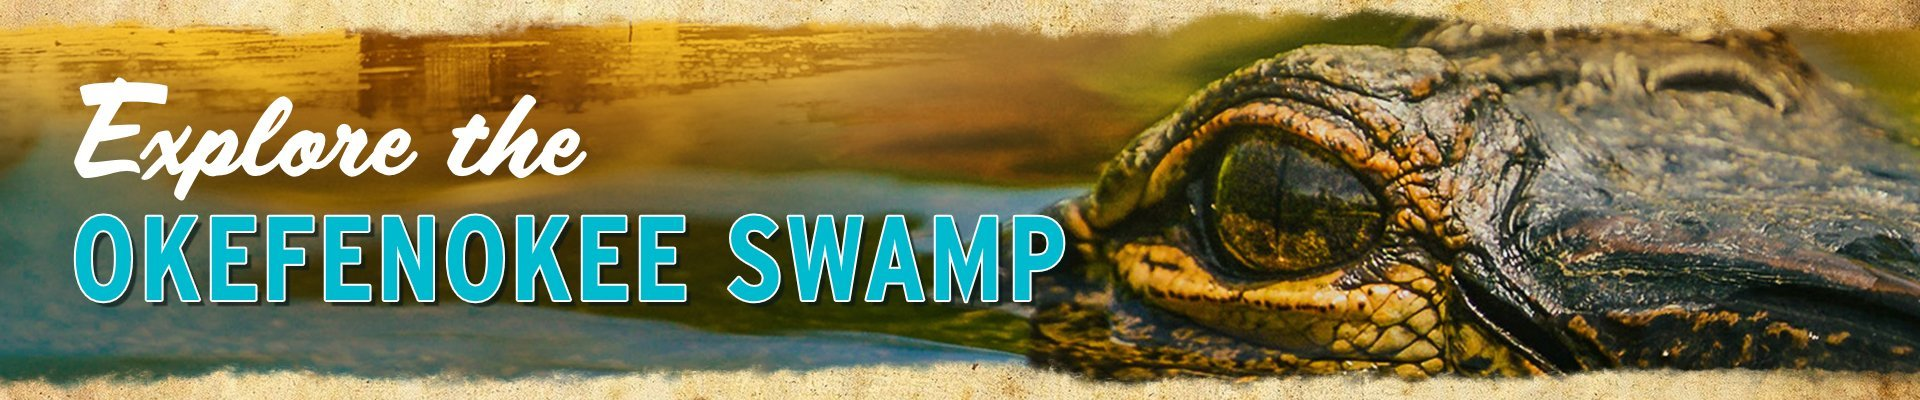 Explore the Okefenokee Swamp